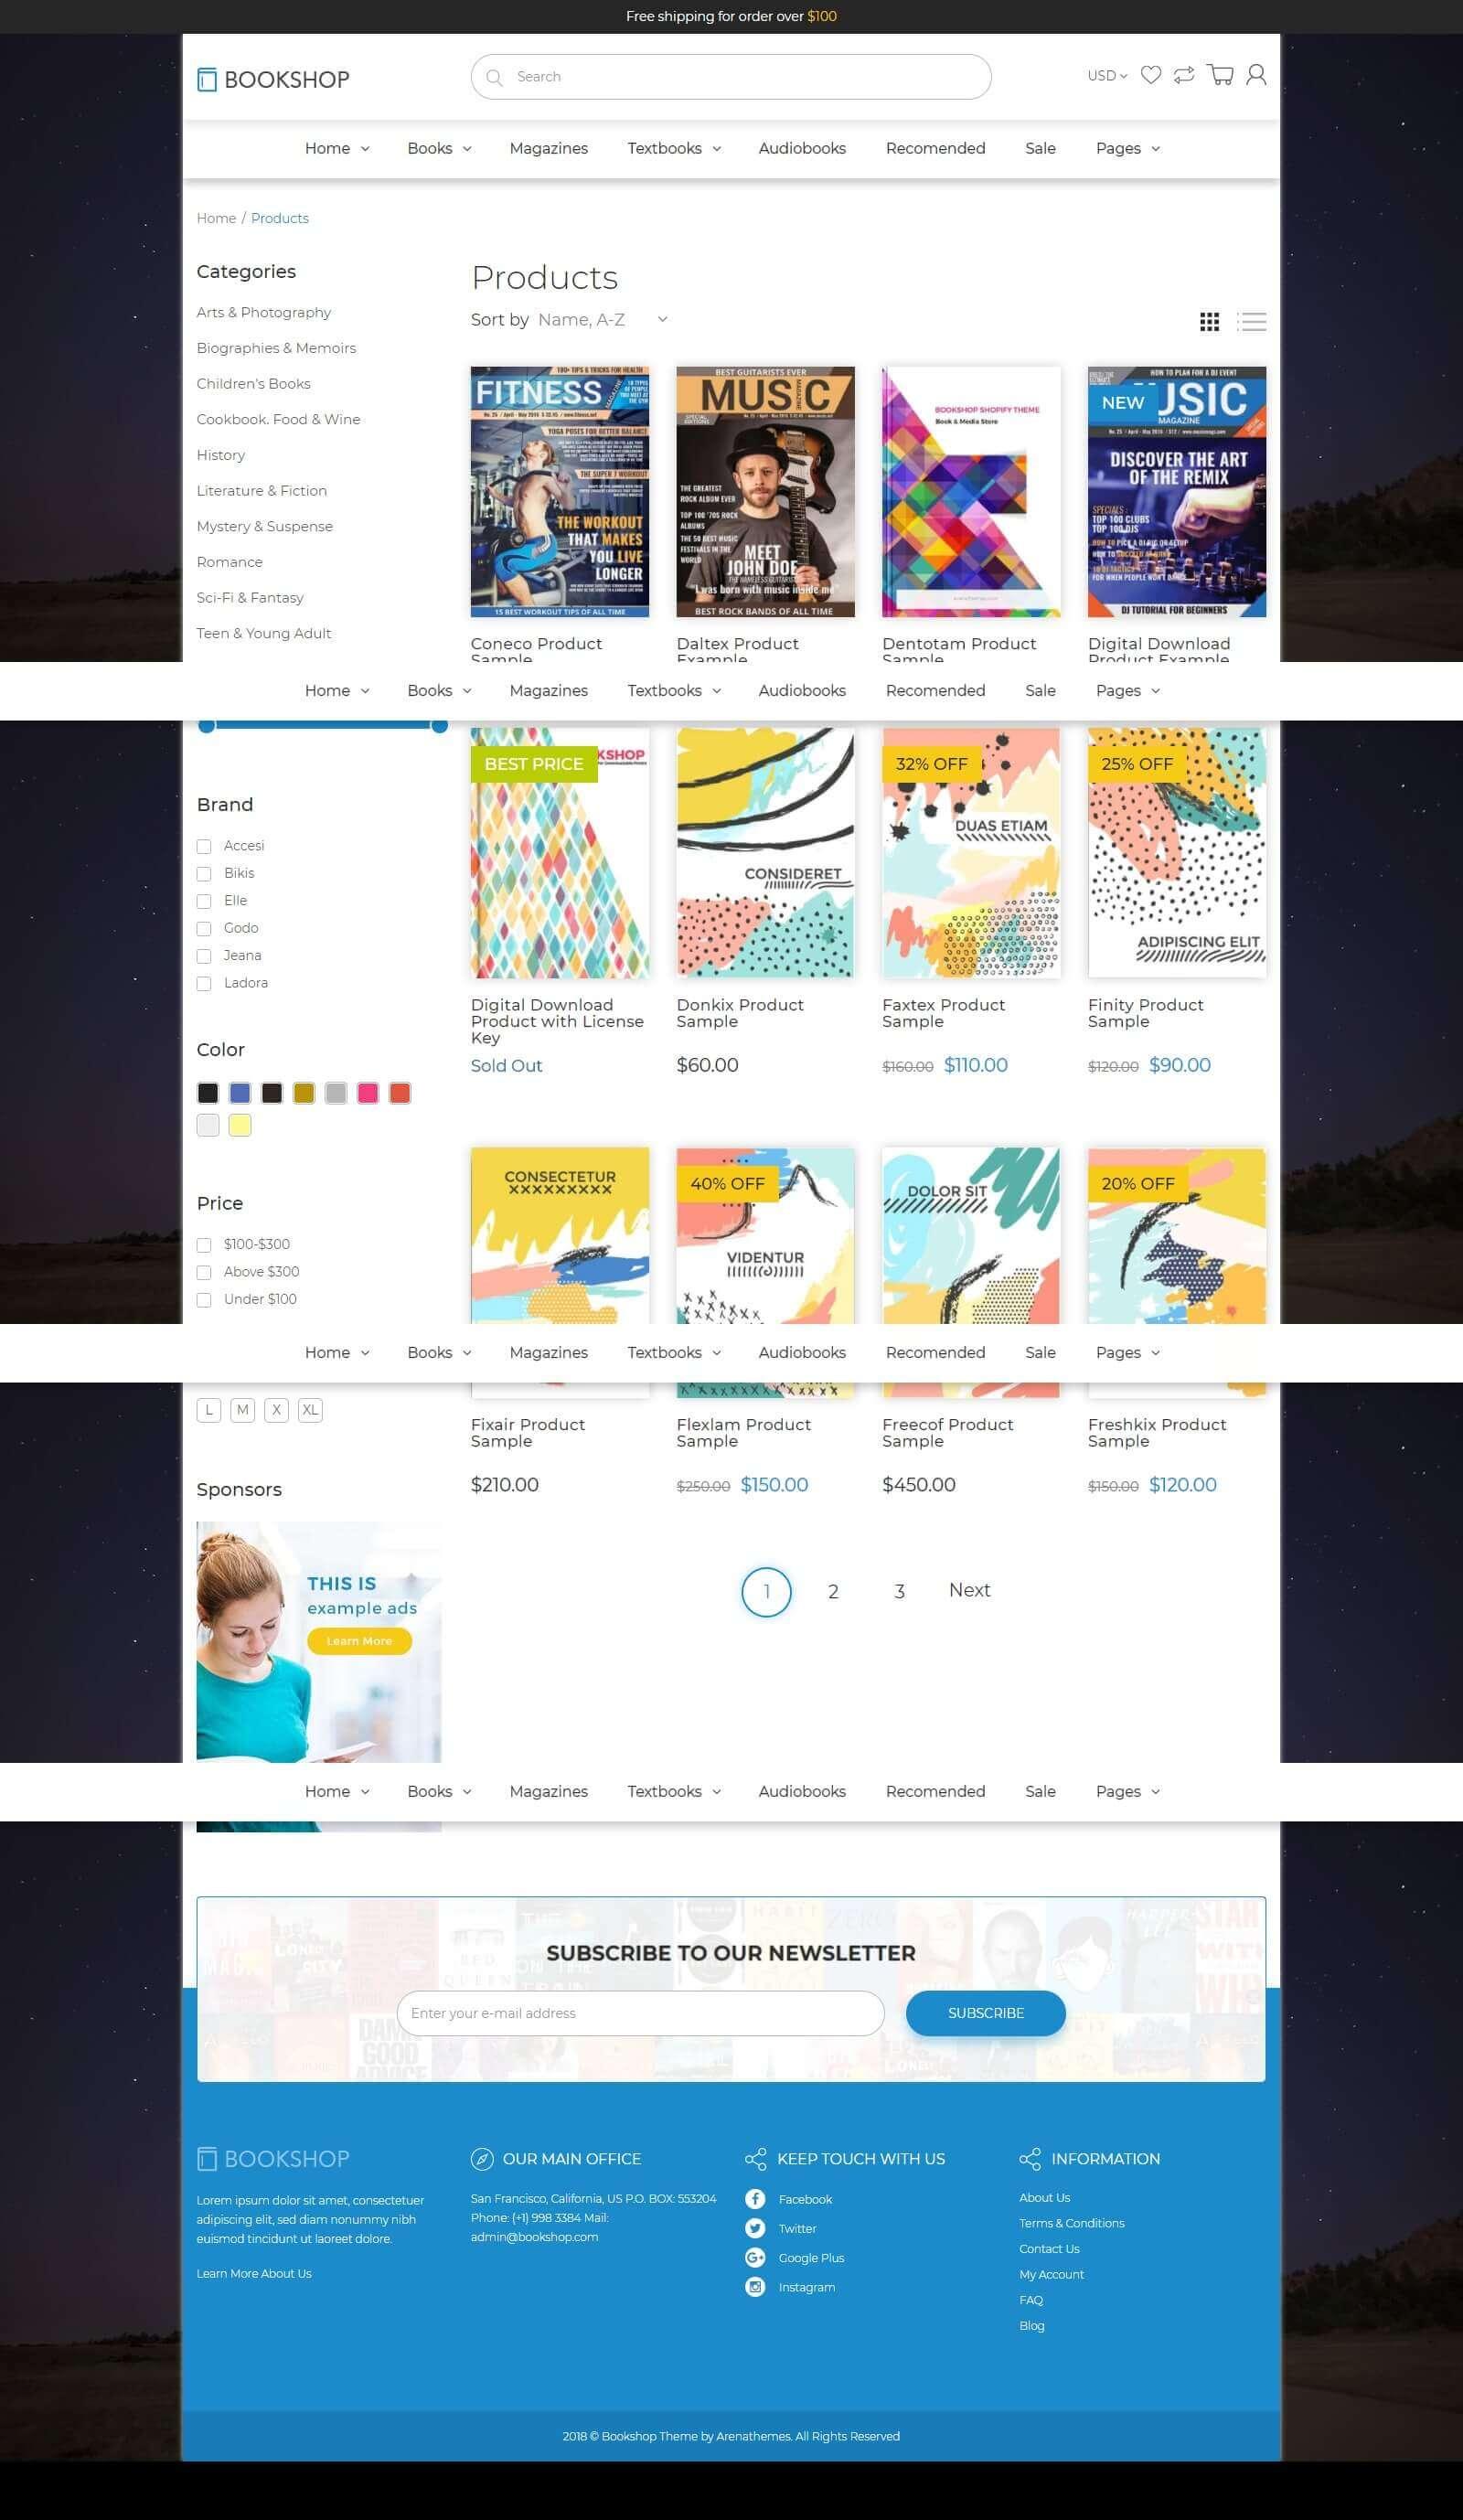 Các tính năng của mẫu website bán sách